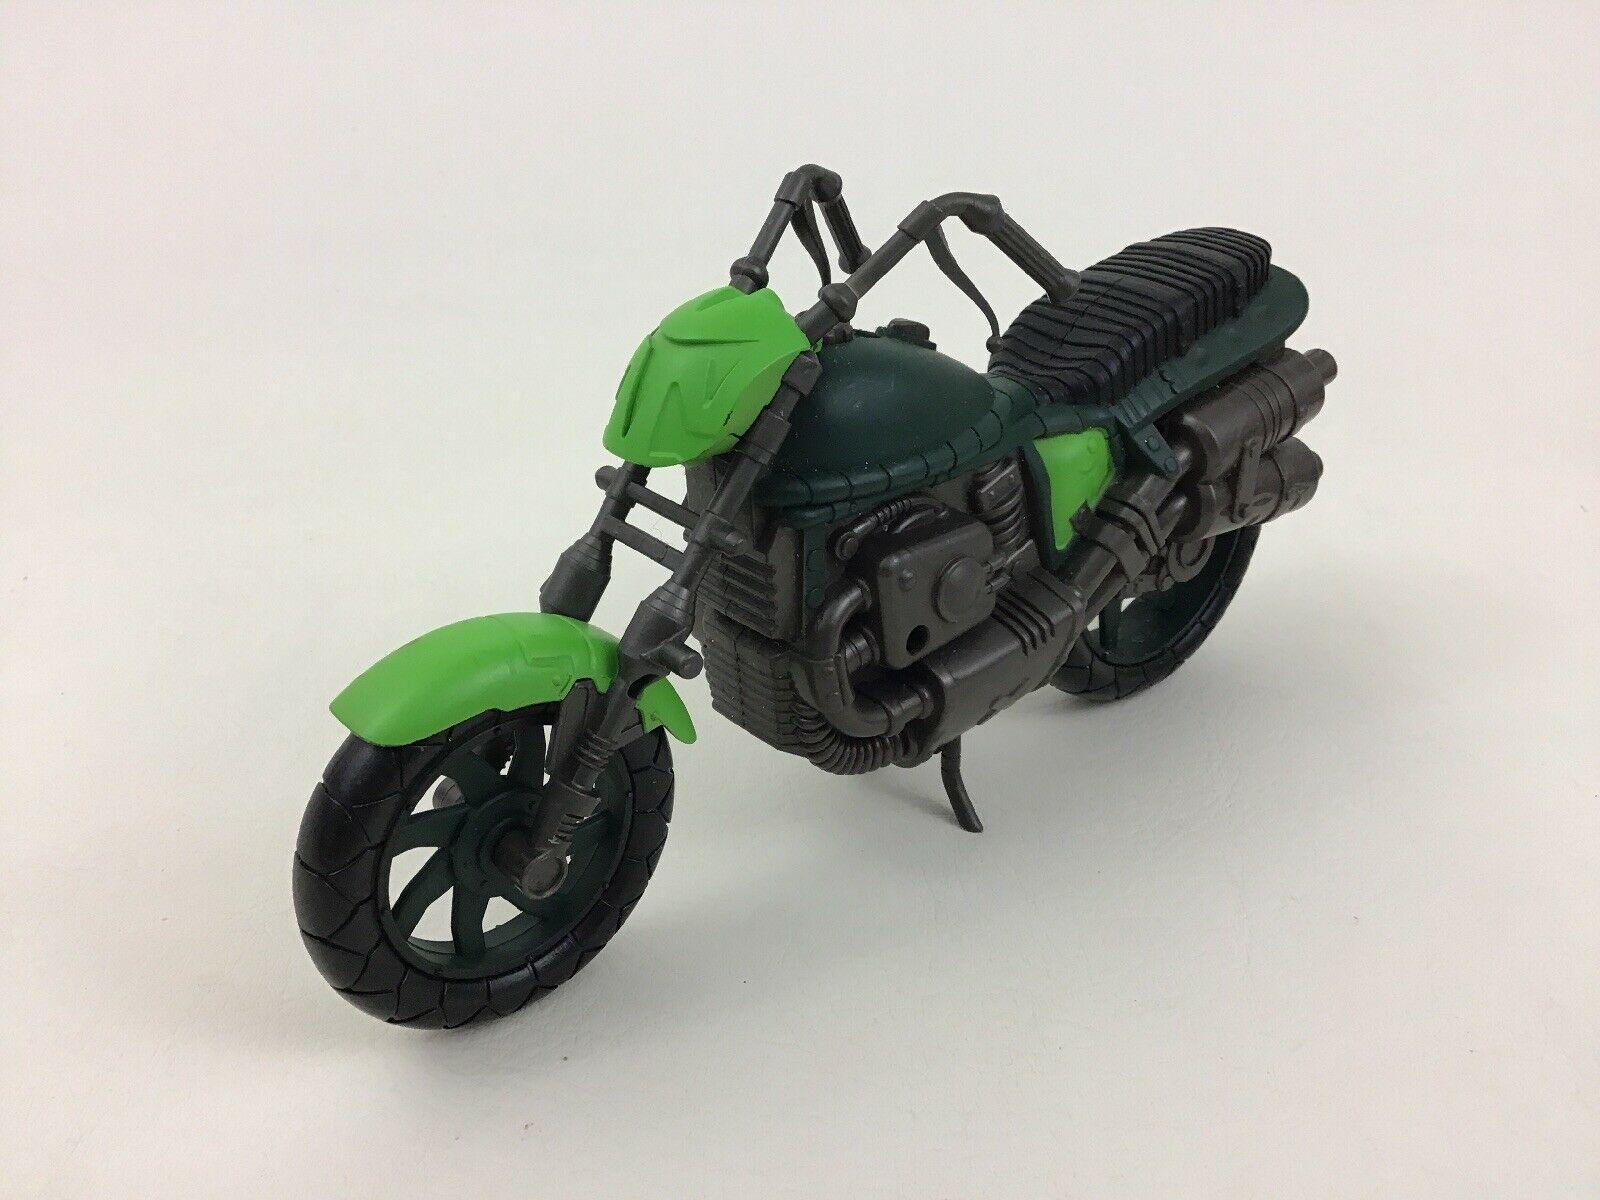 Teenage Mutant Ninja Turtles Action Figures Motorcycle 7pc Lot Playmates Toys